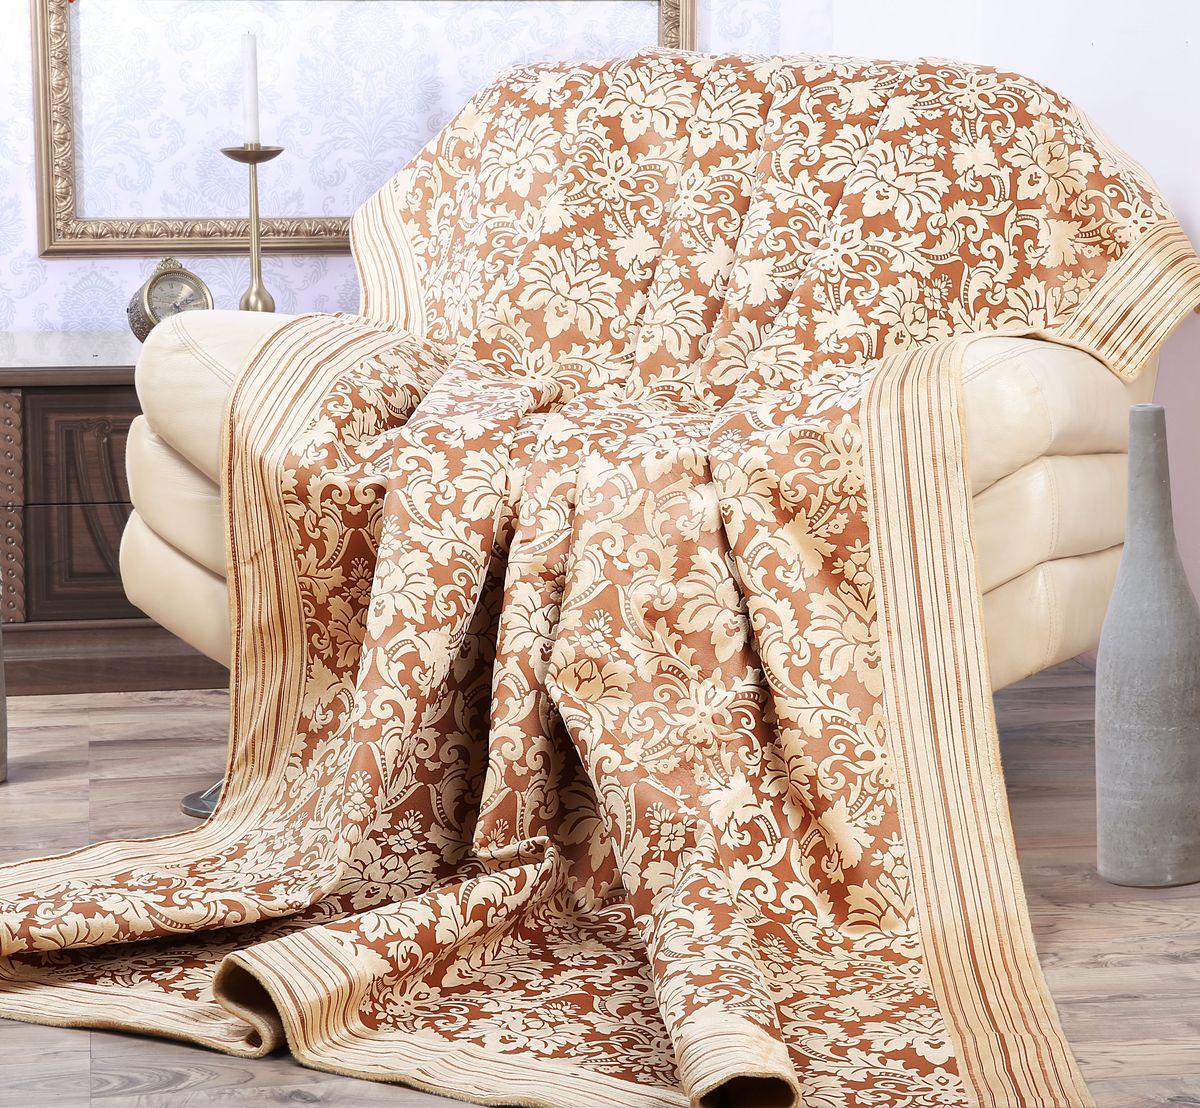 """Роскошное покрывало Mona Liza Elite """"Vintage"""" из высококачественного полиэстера гармонично впишется в интерьер вашего дома и создаст атмосферу уюта и комфорта. Такое покрывало согреет в прохладную погоду и будет превосходно дополнять интерьер вашей спальни. Высочайшее качество материала гарантирует безопасность не только взрослых, но и самых маленьких членов семьи. Небольшой ворс придает покрывалу мягкость и оригинальность. Покрывало может подчеркнуть любой стиль интерьера, задать ему нужный тон - от игривого до ностальгического. Покрывало - это такой подарок, который будет всегда актуален, особенно для ваших родных и близких, ведь вы дарите им частичку своего тепла! Покрывала серии Mona Liza Elite выполнены из шенилловой ткани деворе - при выжигании части волокон образуется характерный рельефный рисунок."""